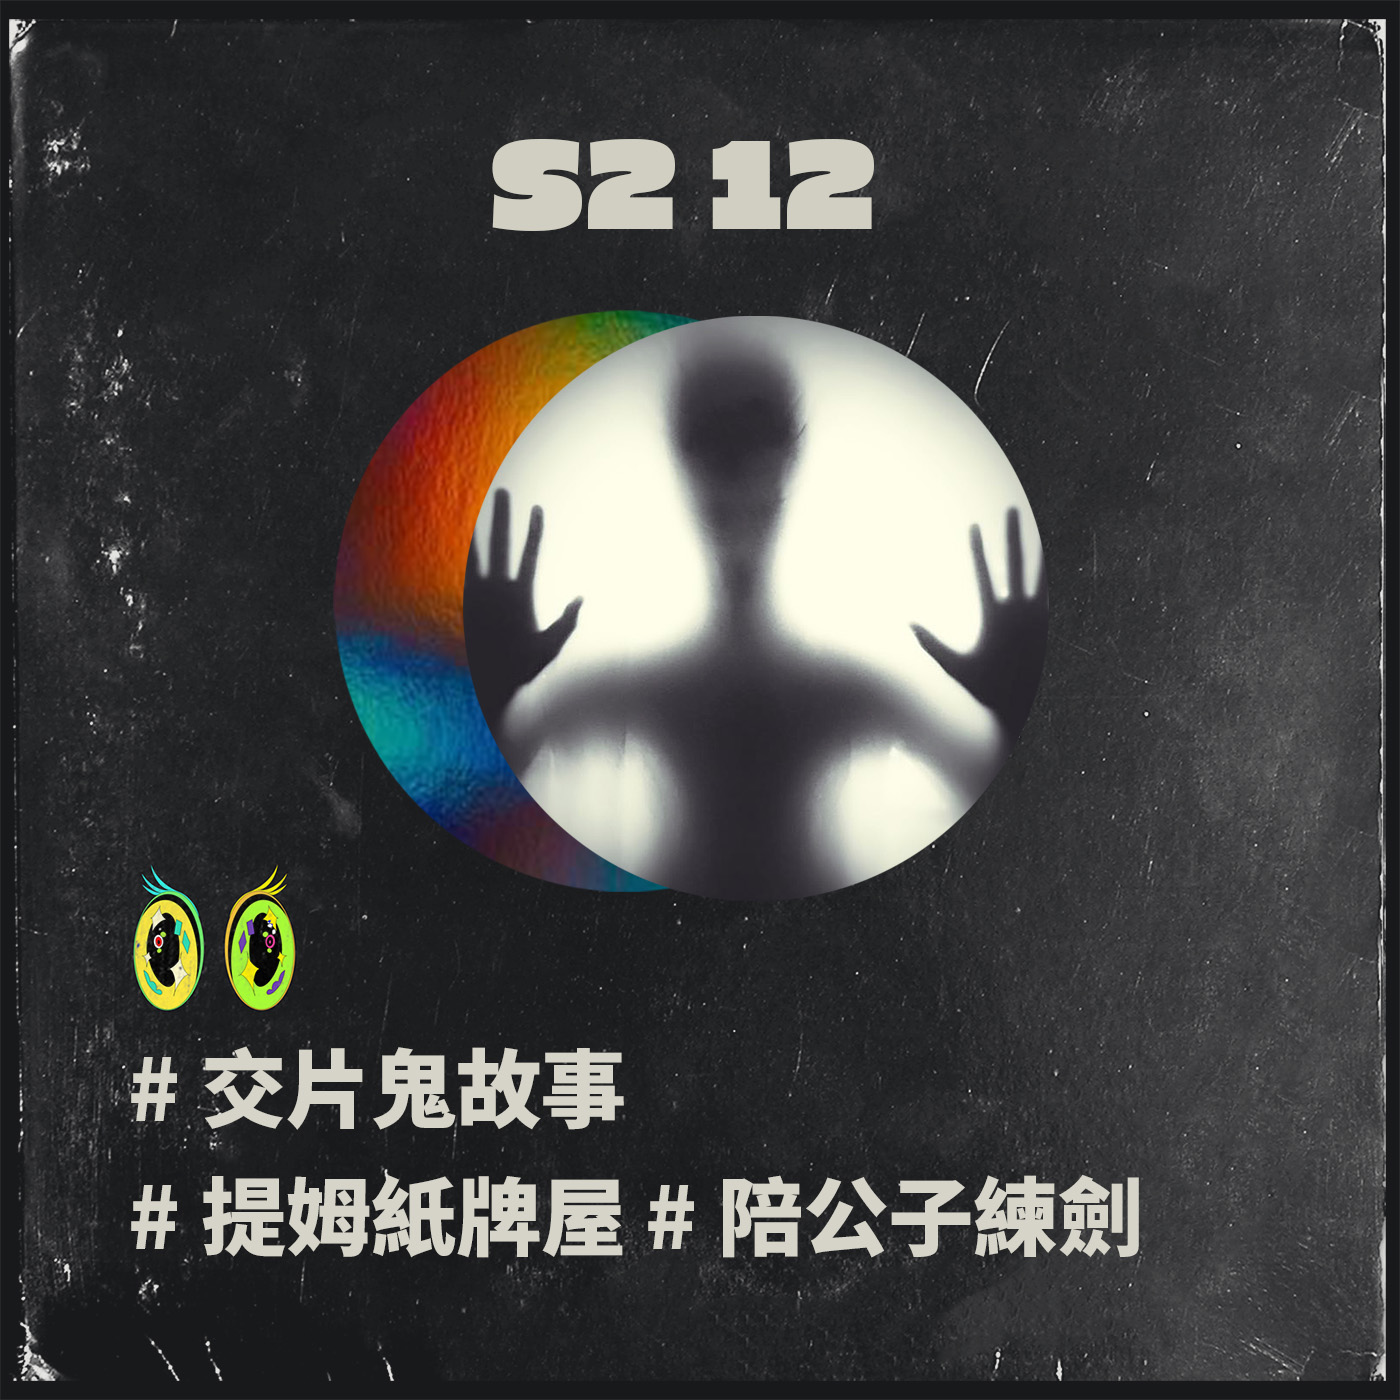 S2 12 #交片鬼故事  #提姆紙牌屋  #陪公子練劍